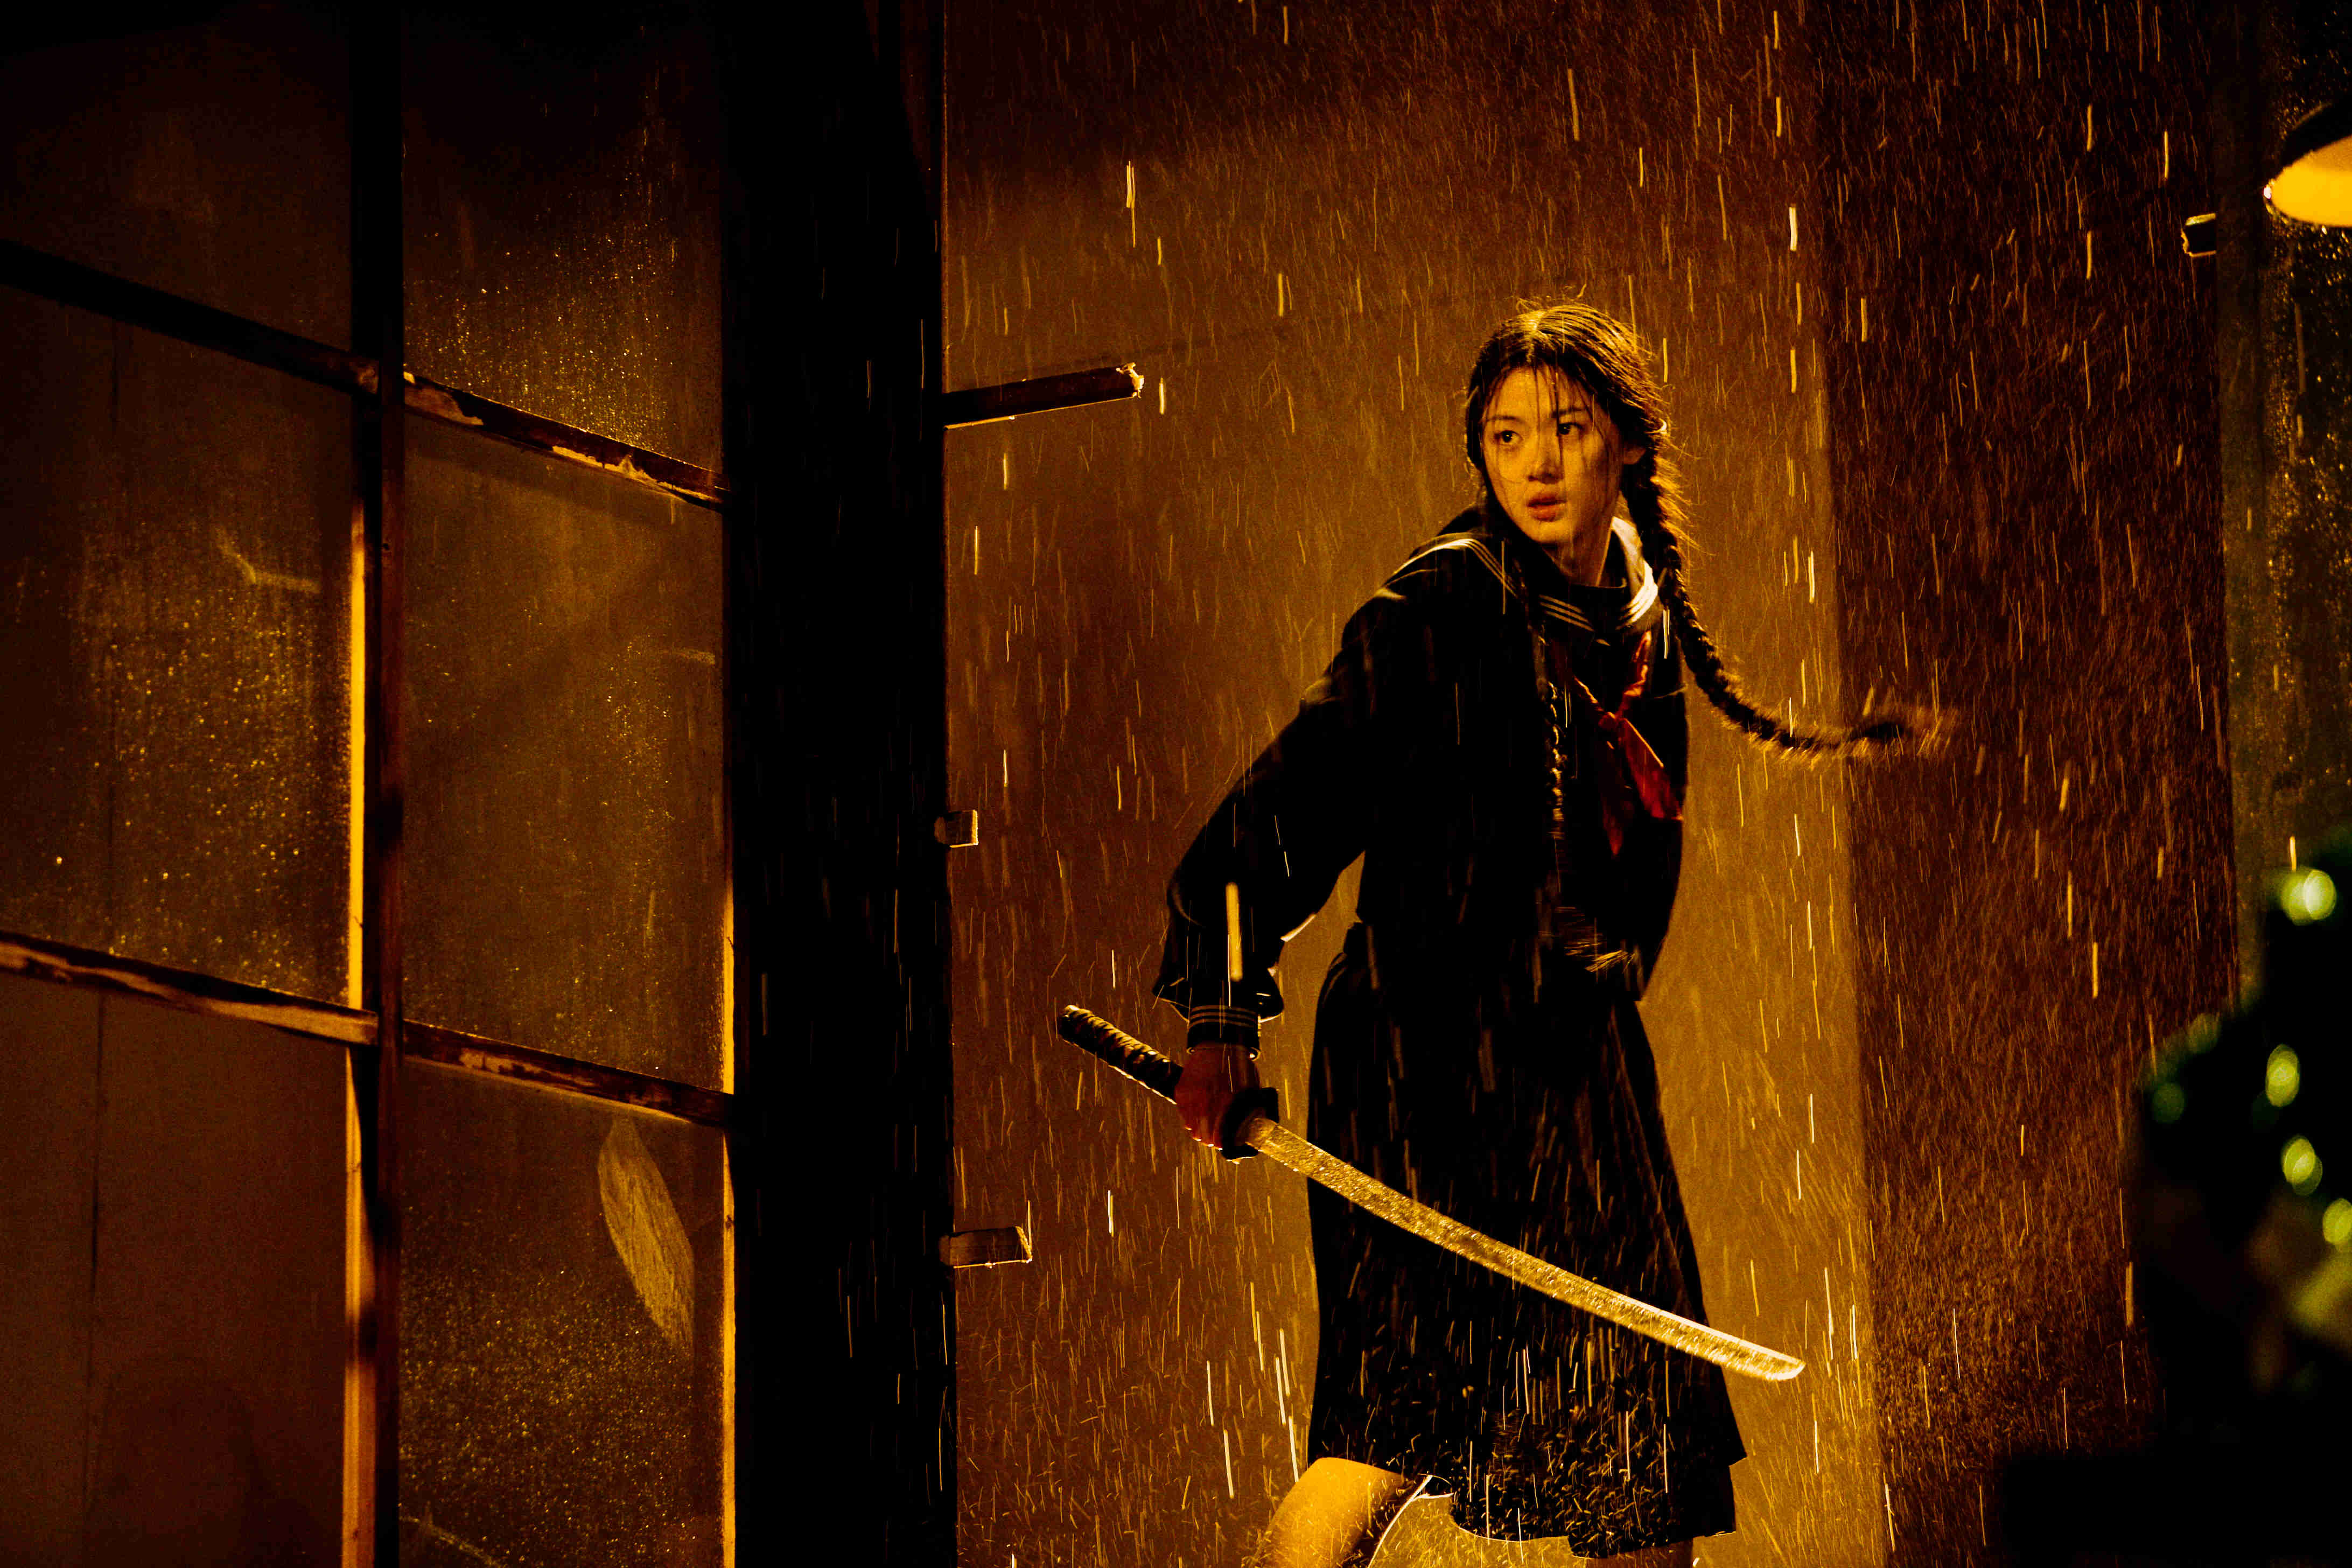 Gianna as the sword-wielding vampire schoolgirl Saya in Blood: The Last Vampire (2009)